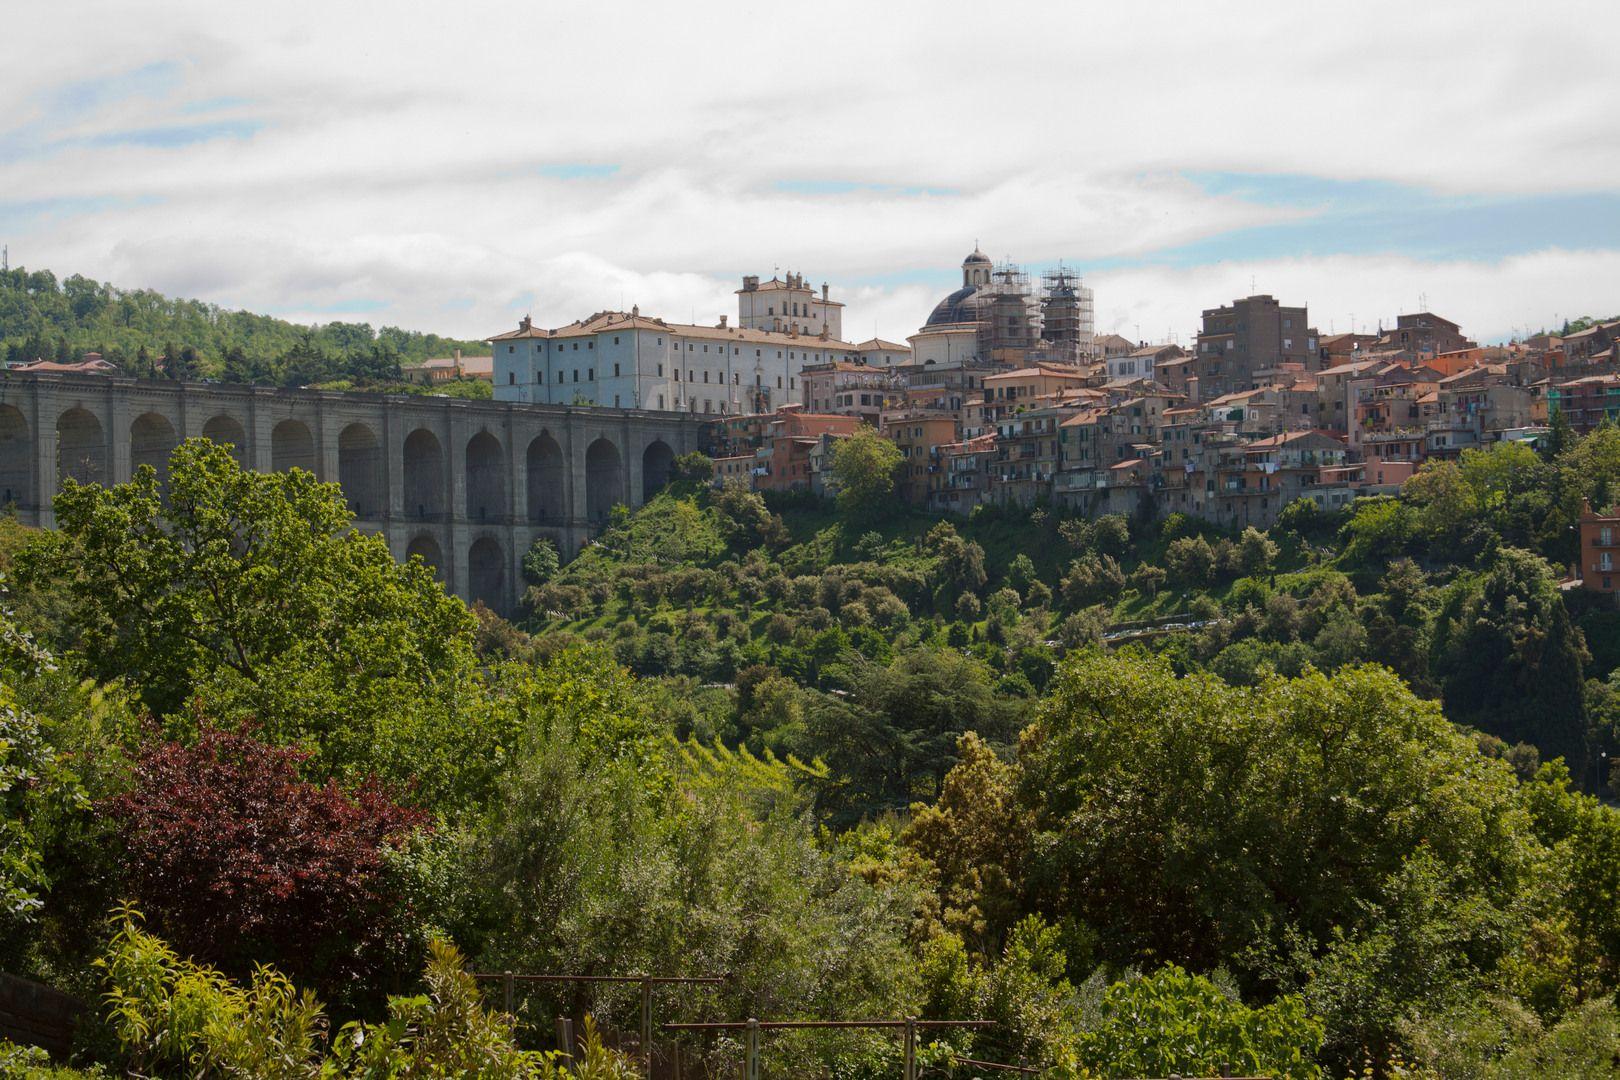 castelli romani sbcr comunità montana parco